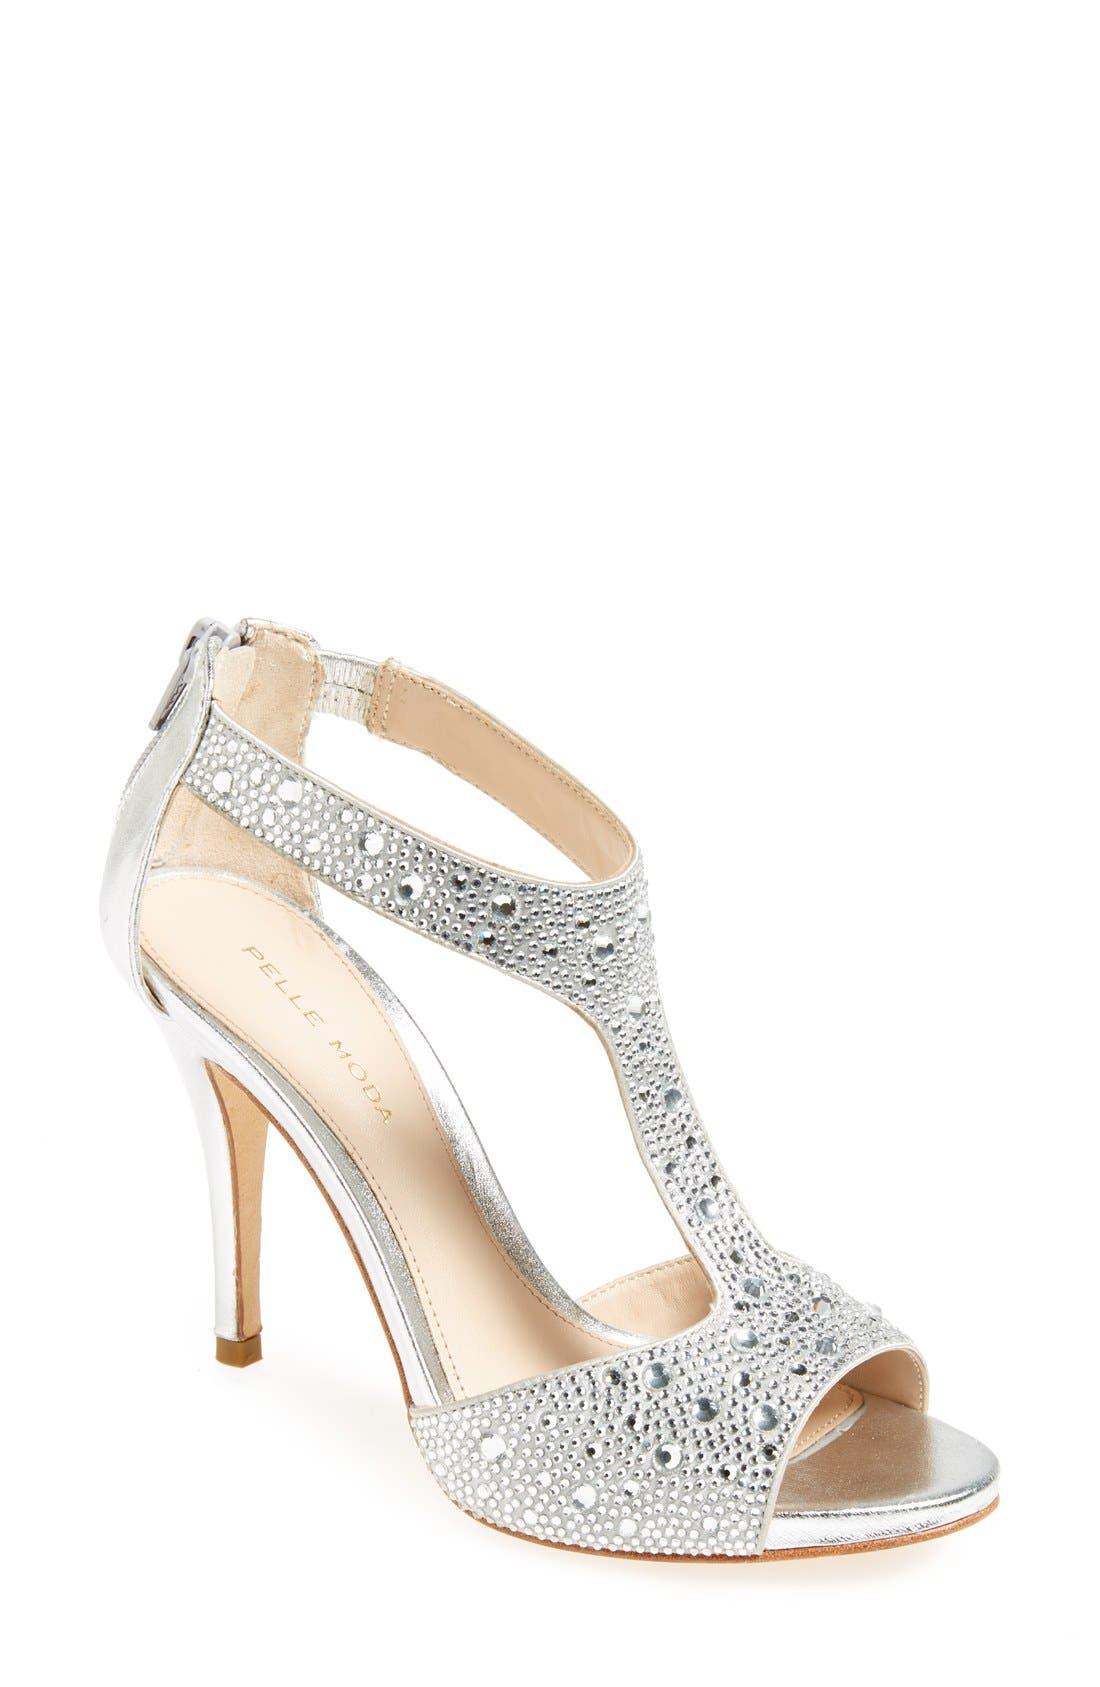 Main Image - Pelle Moda 'Jett' Embellished T Strap Sandal (Women)